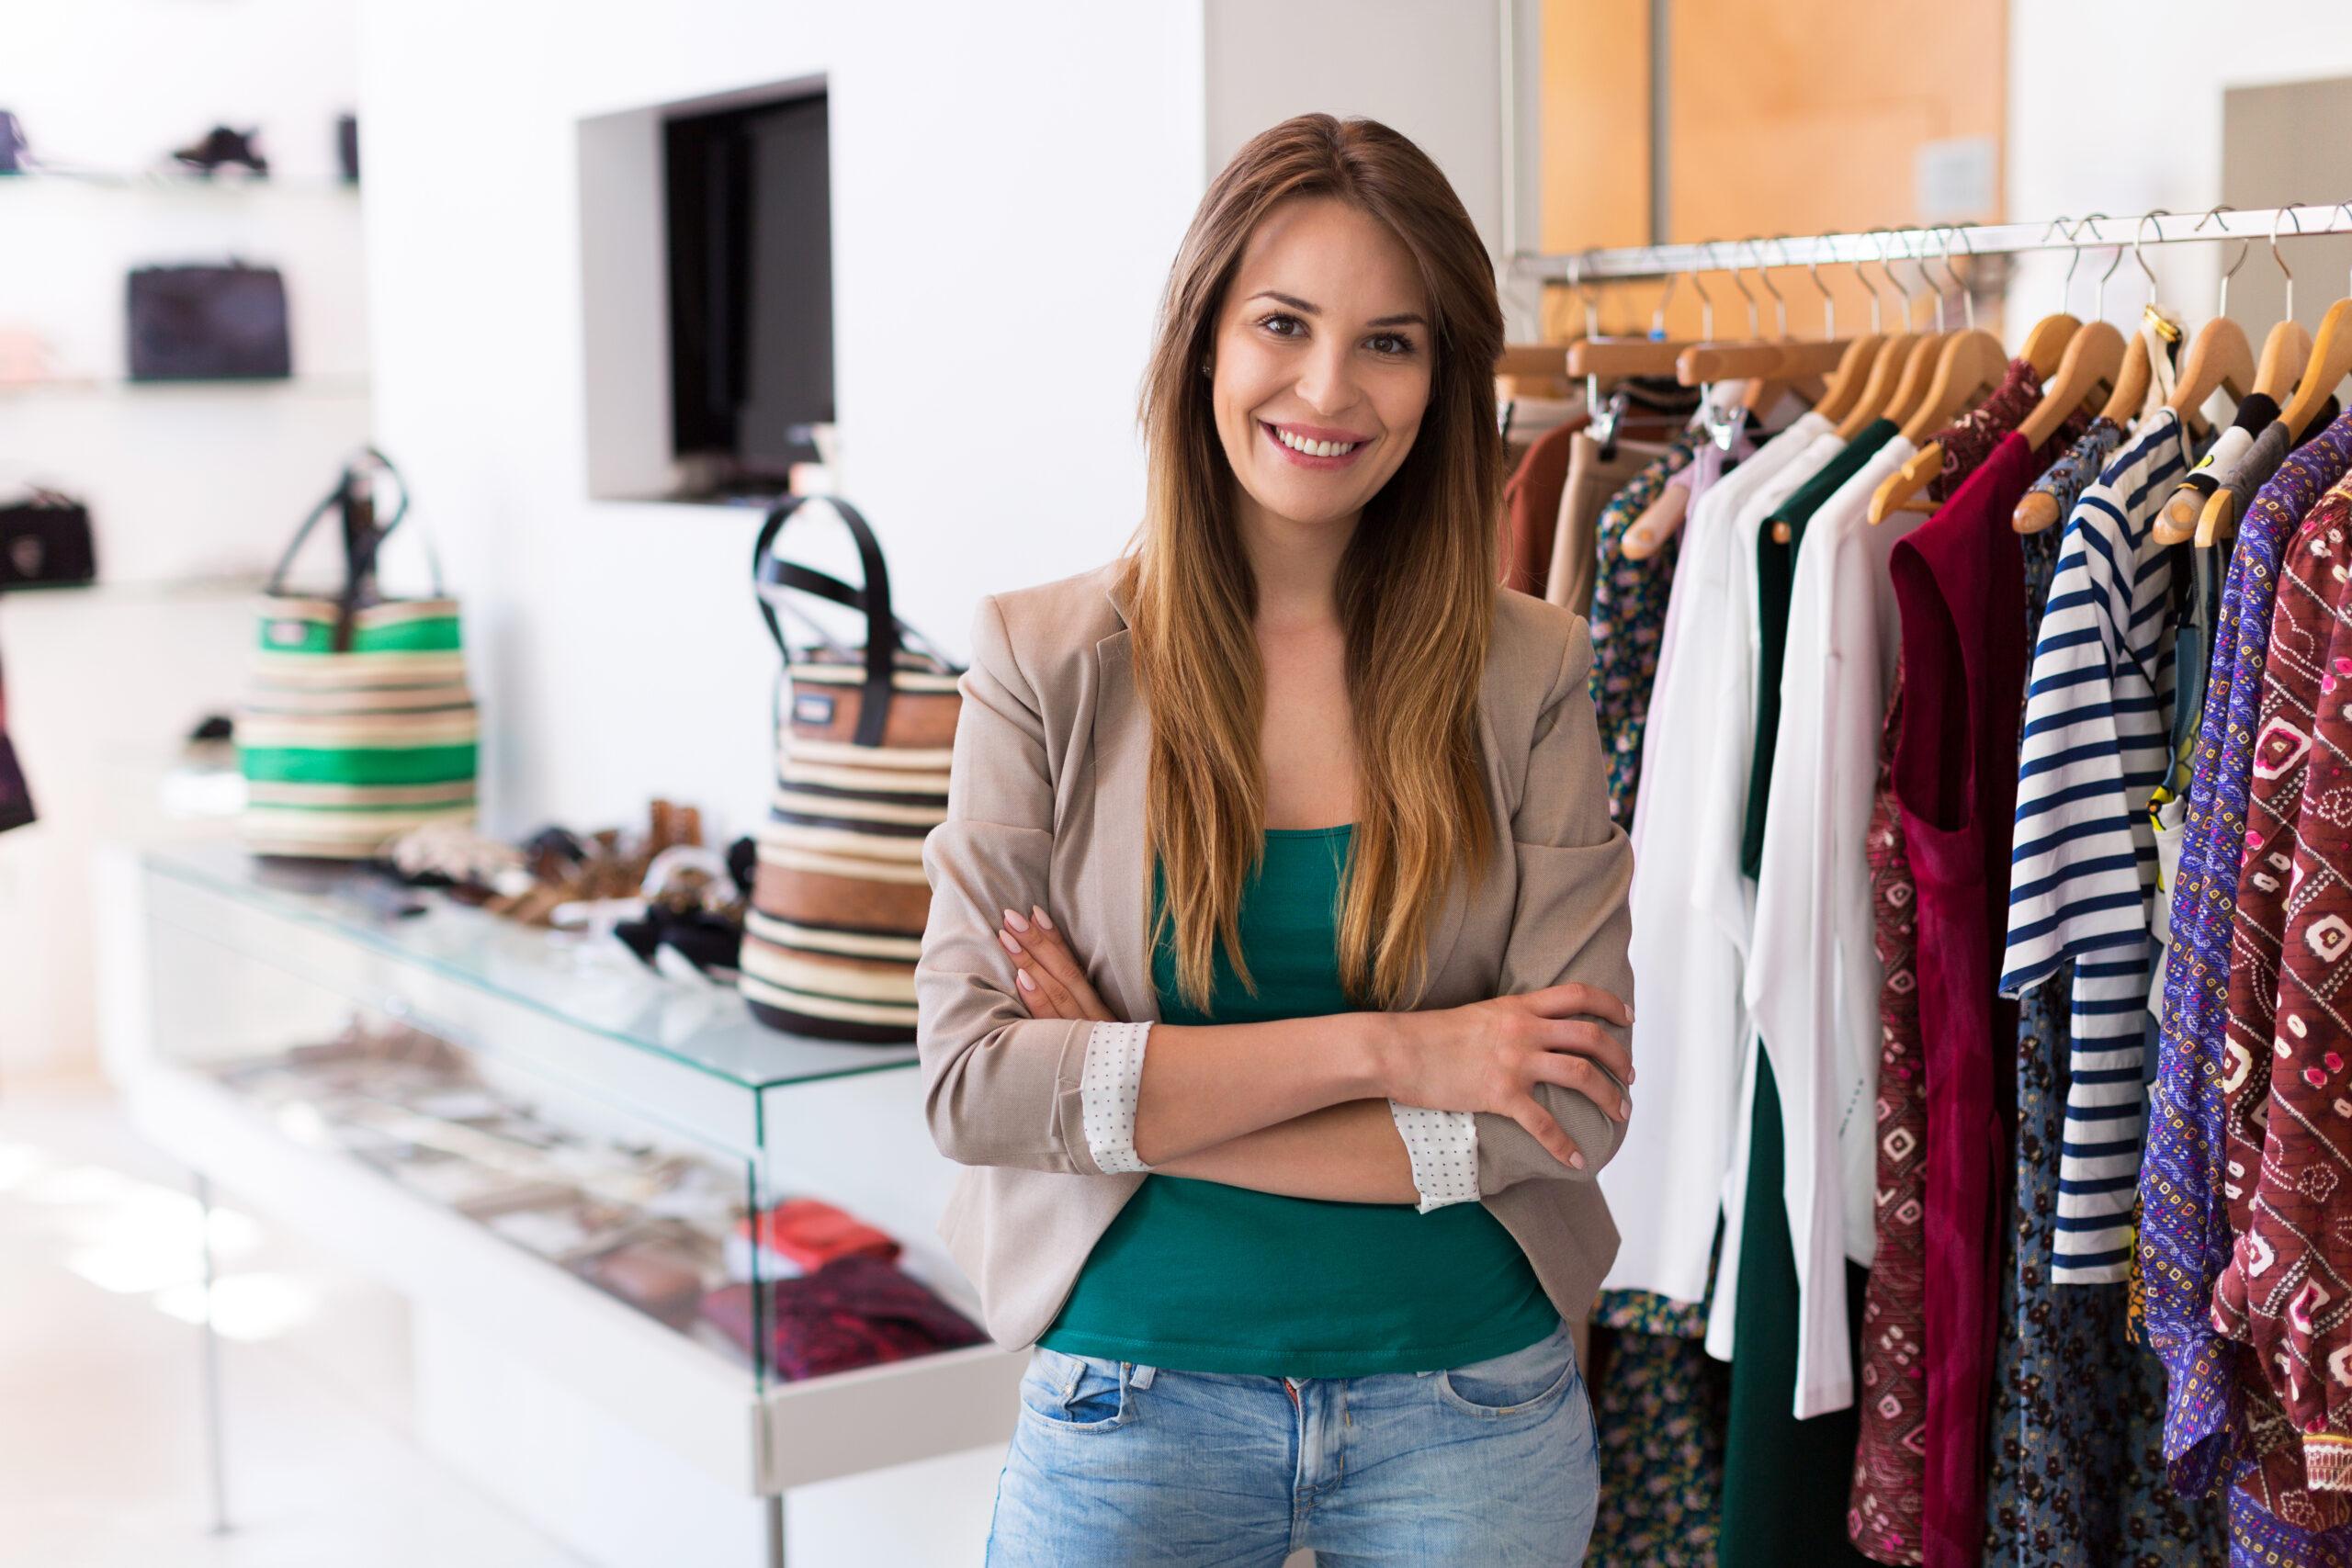 Quali sono le più importanti qualità che deve avere un venditore?